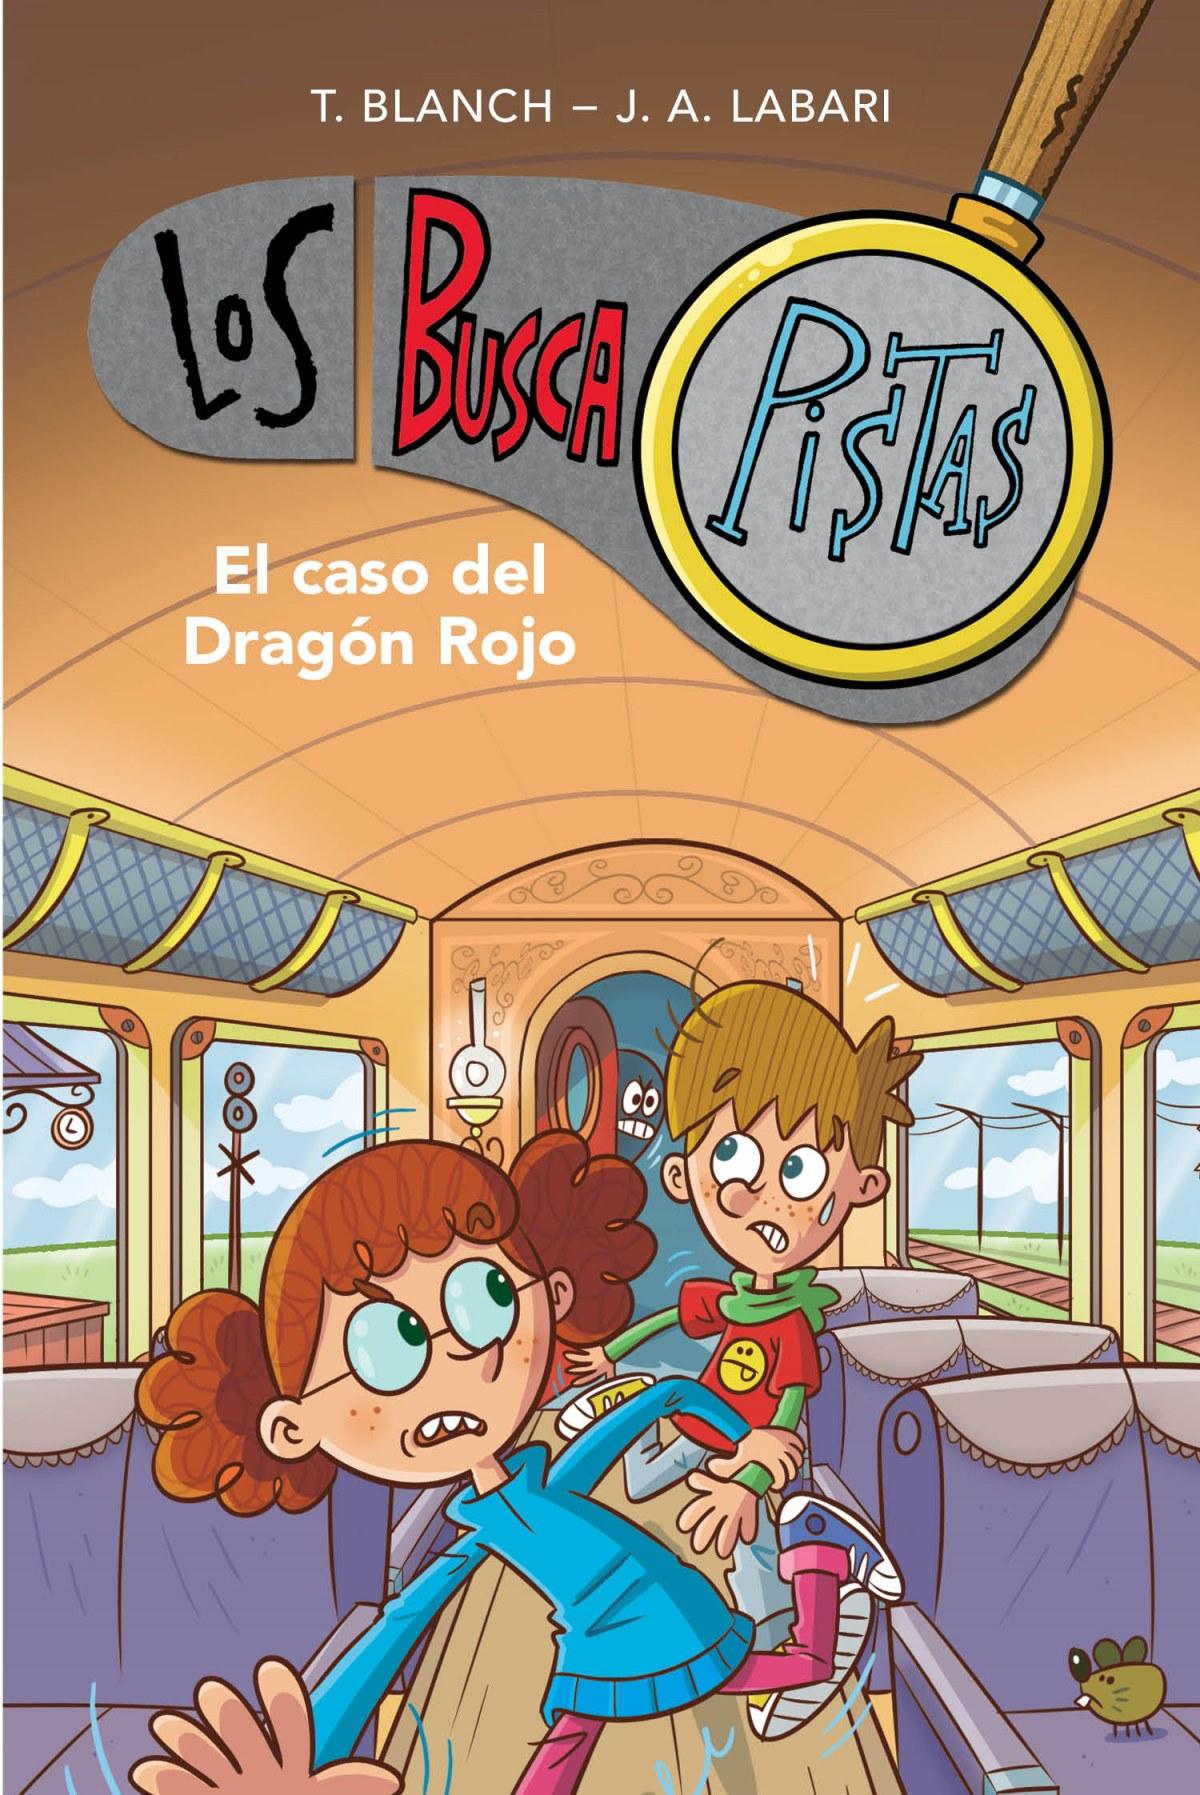 El caso del Dragón Rojo (Serie Los BuscaPistas 11) 9788417922894